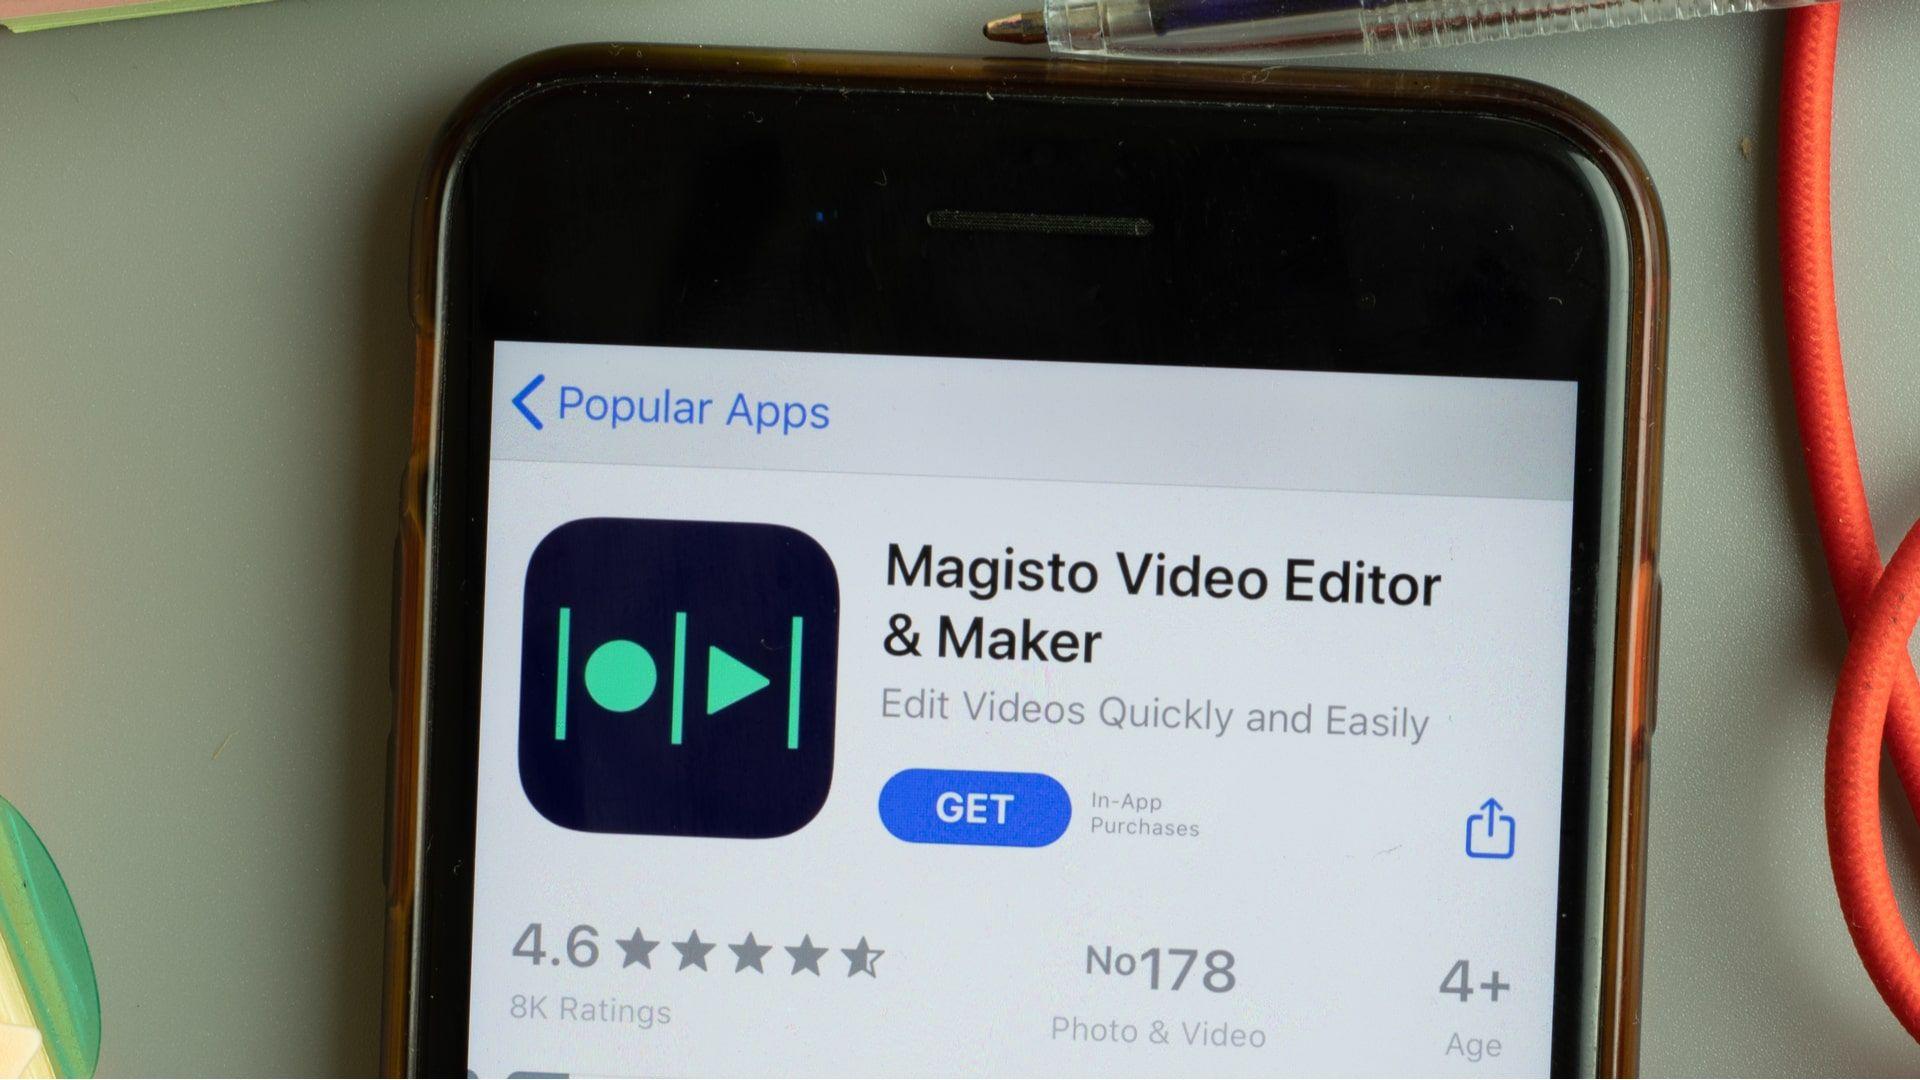 Como fazer vídeo com fotos: Magisto usa inteligência artificial para edições (Foto: Postmodern Studio / Shutterstock.com)